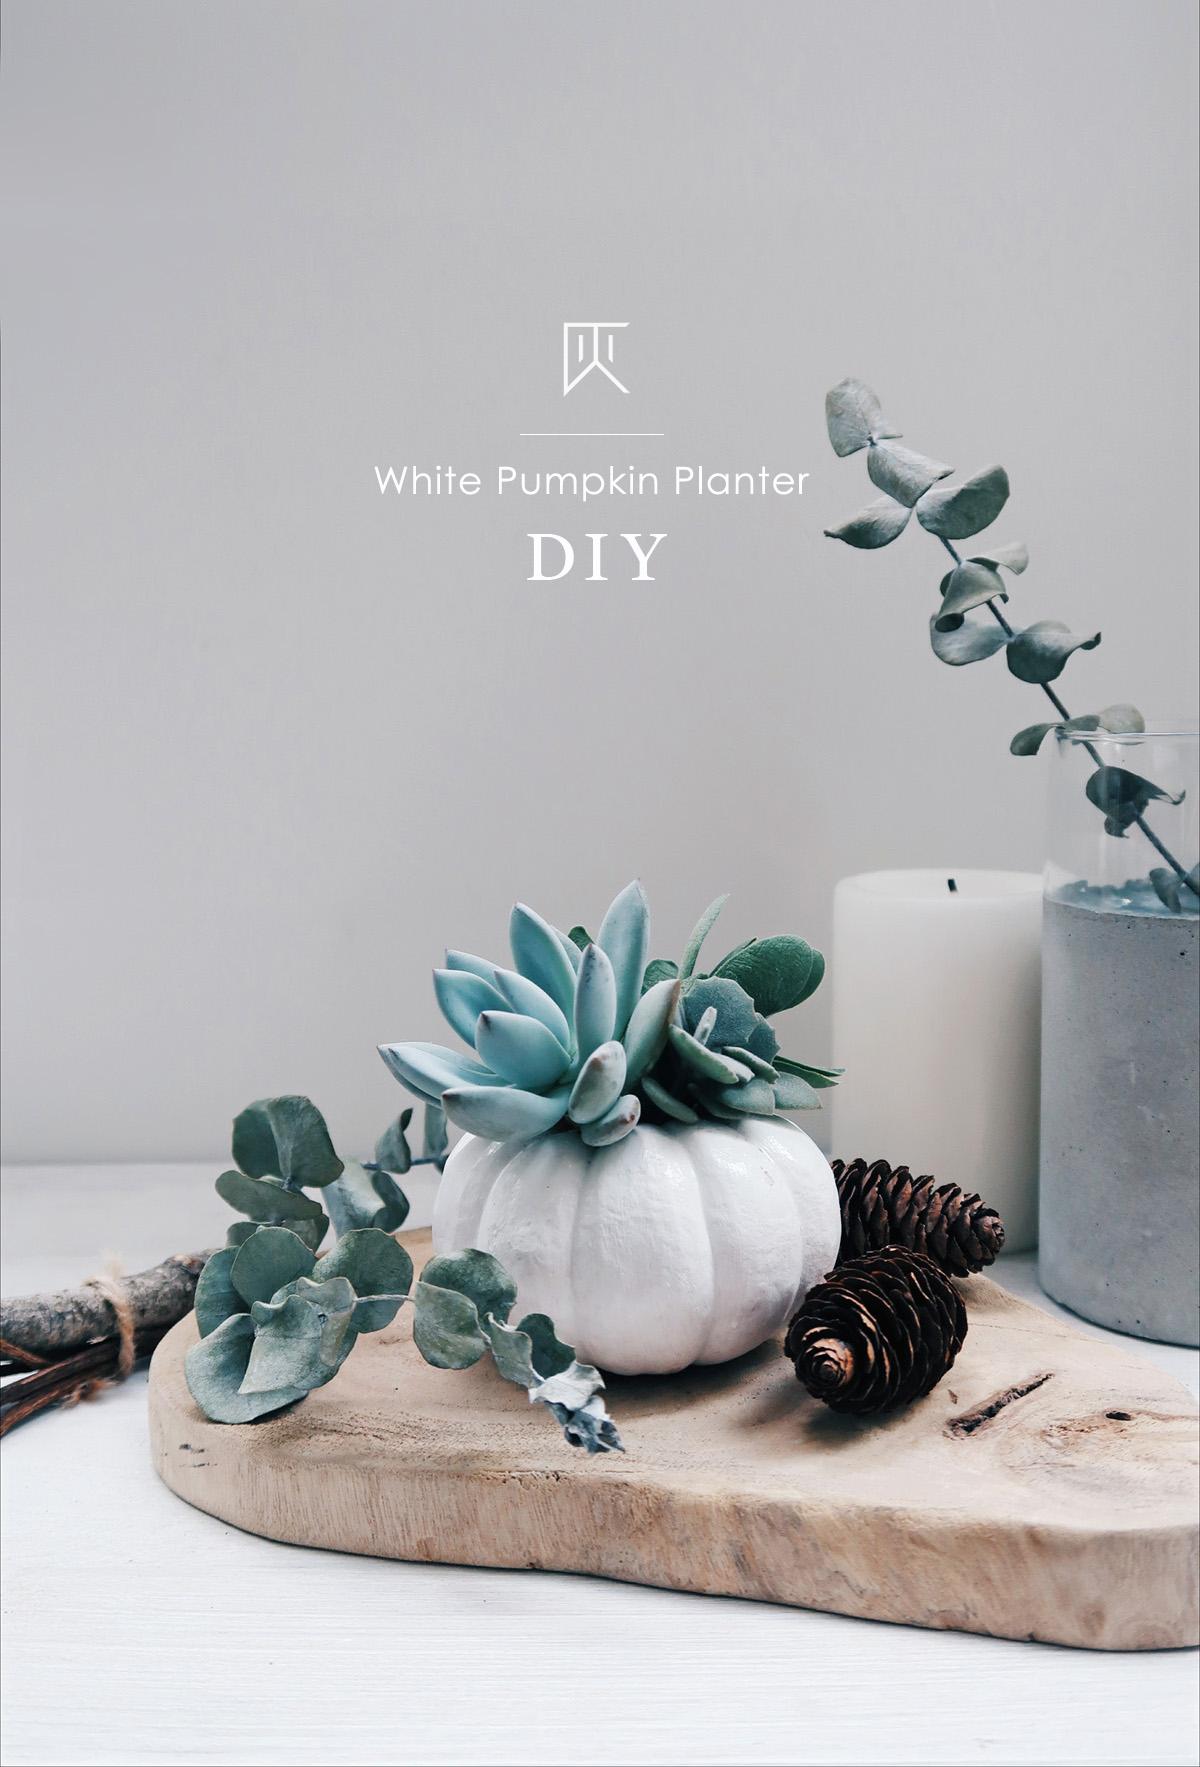 DIY手作教學:萬聖節・白色南瓜多肉盆栽